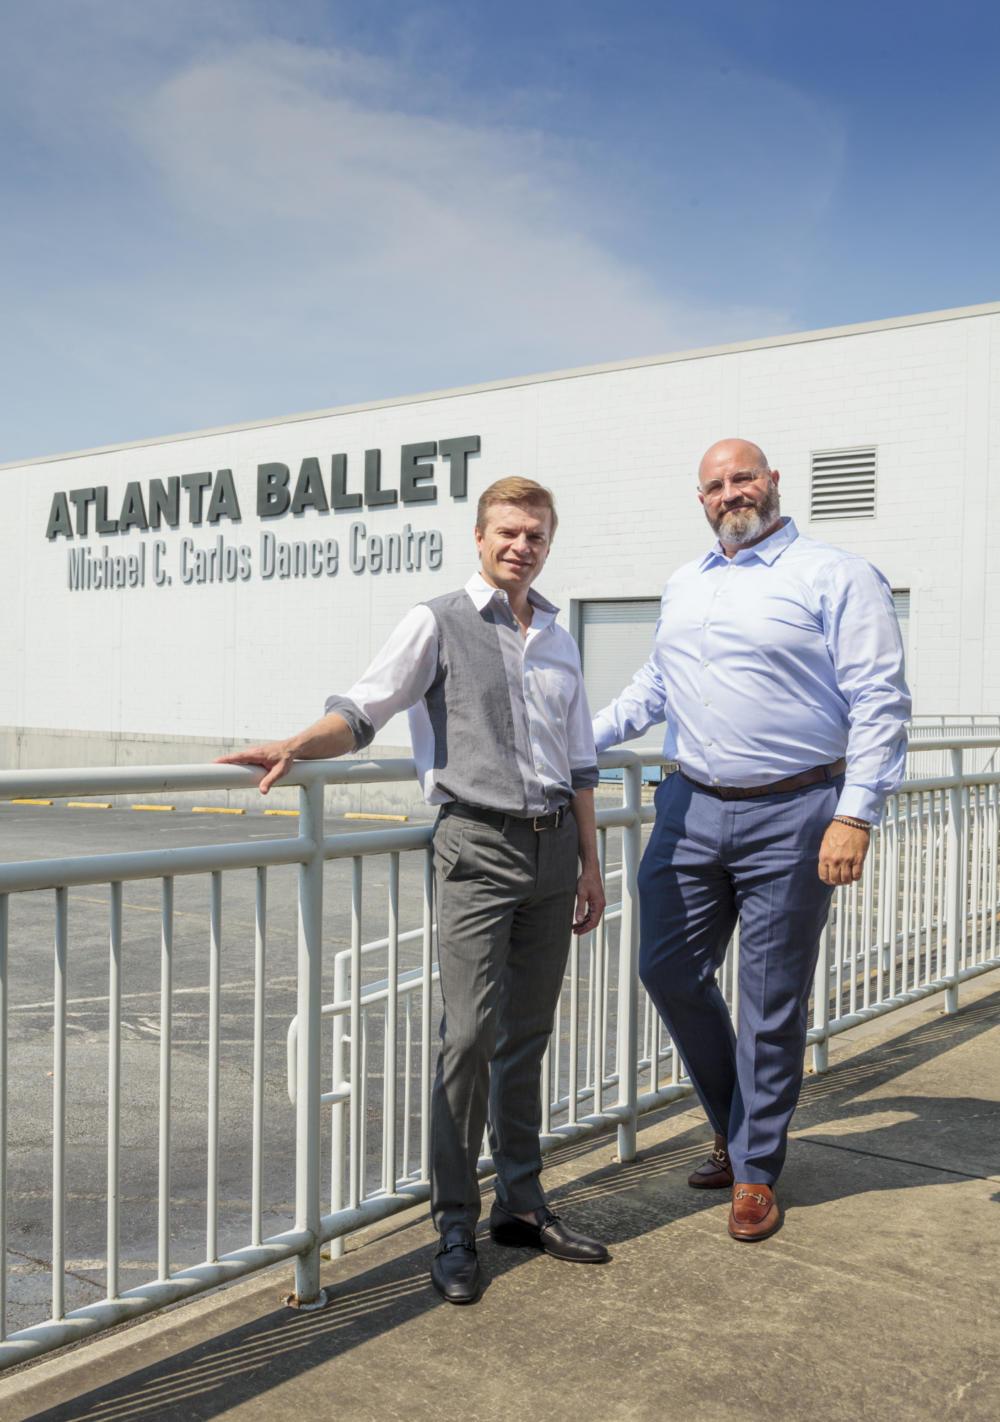 Atlanta Ballet Announces New Executive Director